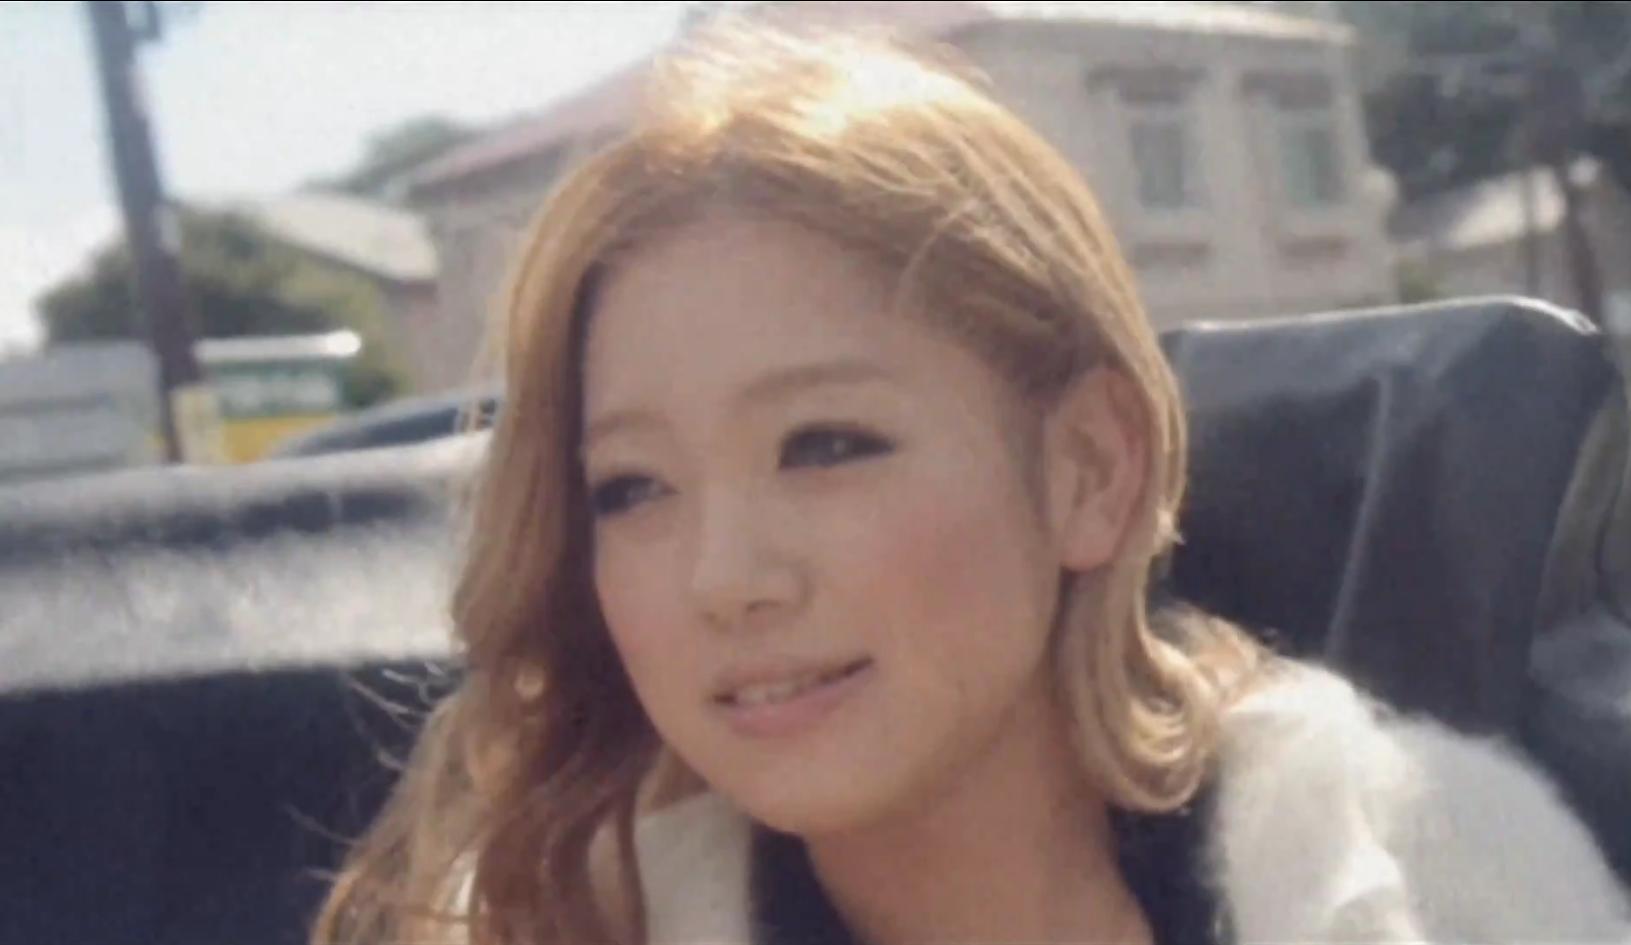 kana kawaii nishino 5e - photo #15